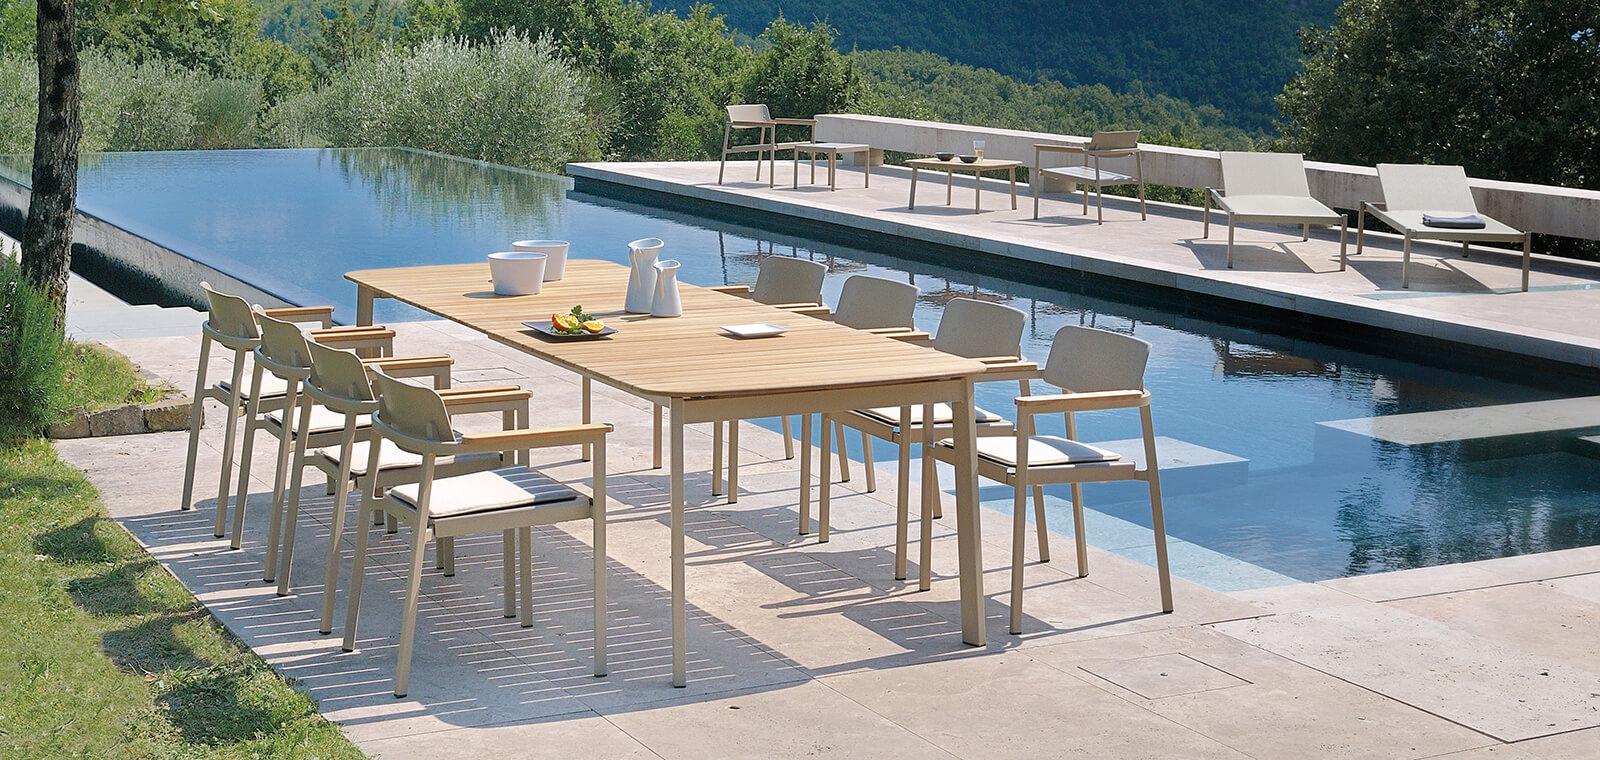 emu mobiliario exterior Mallorca TWF